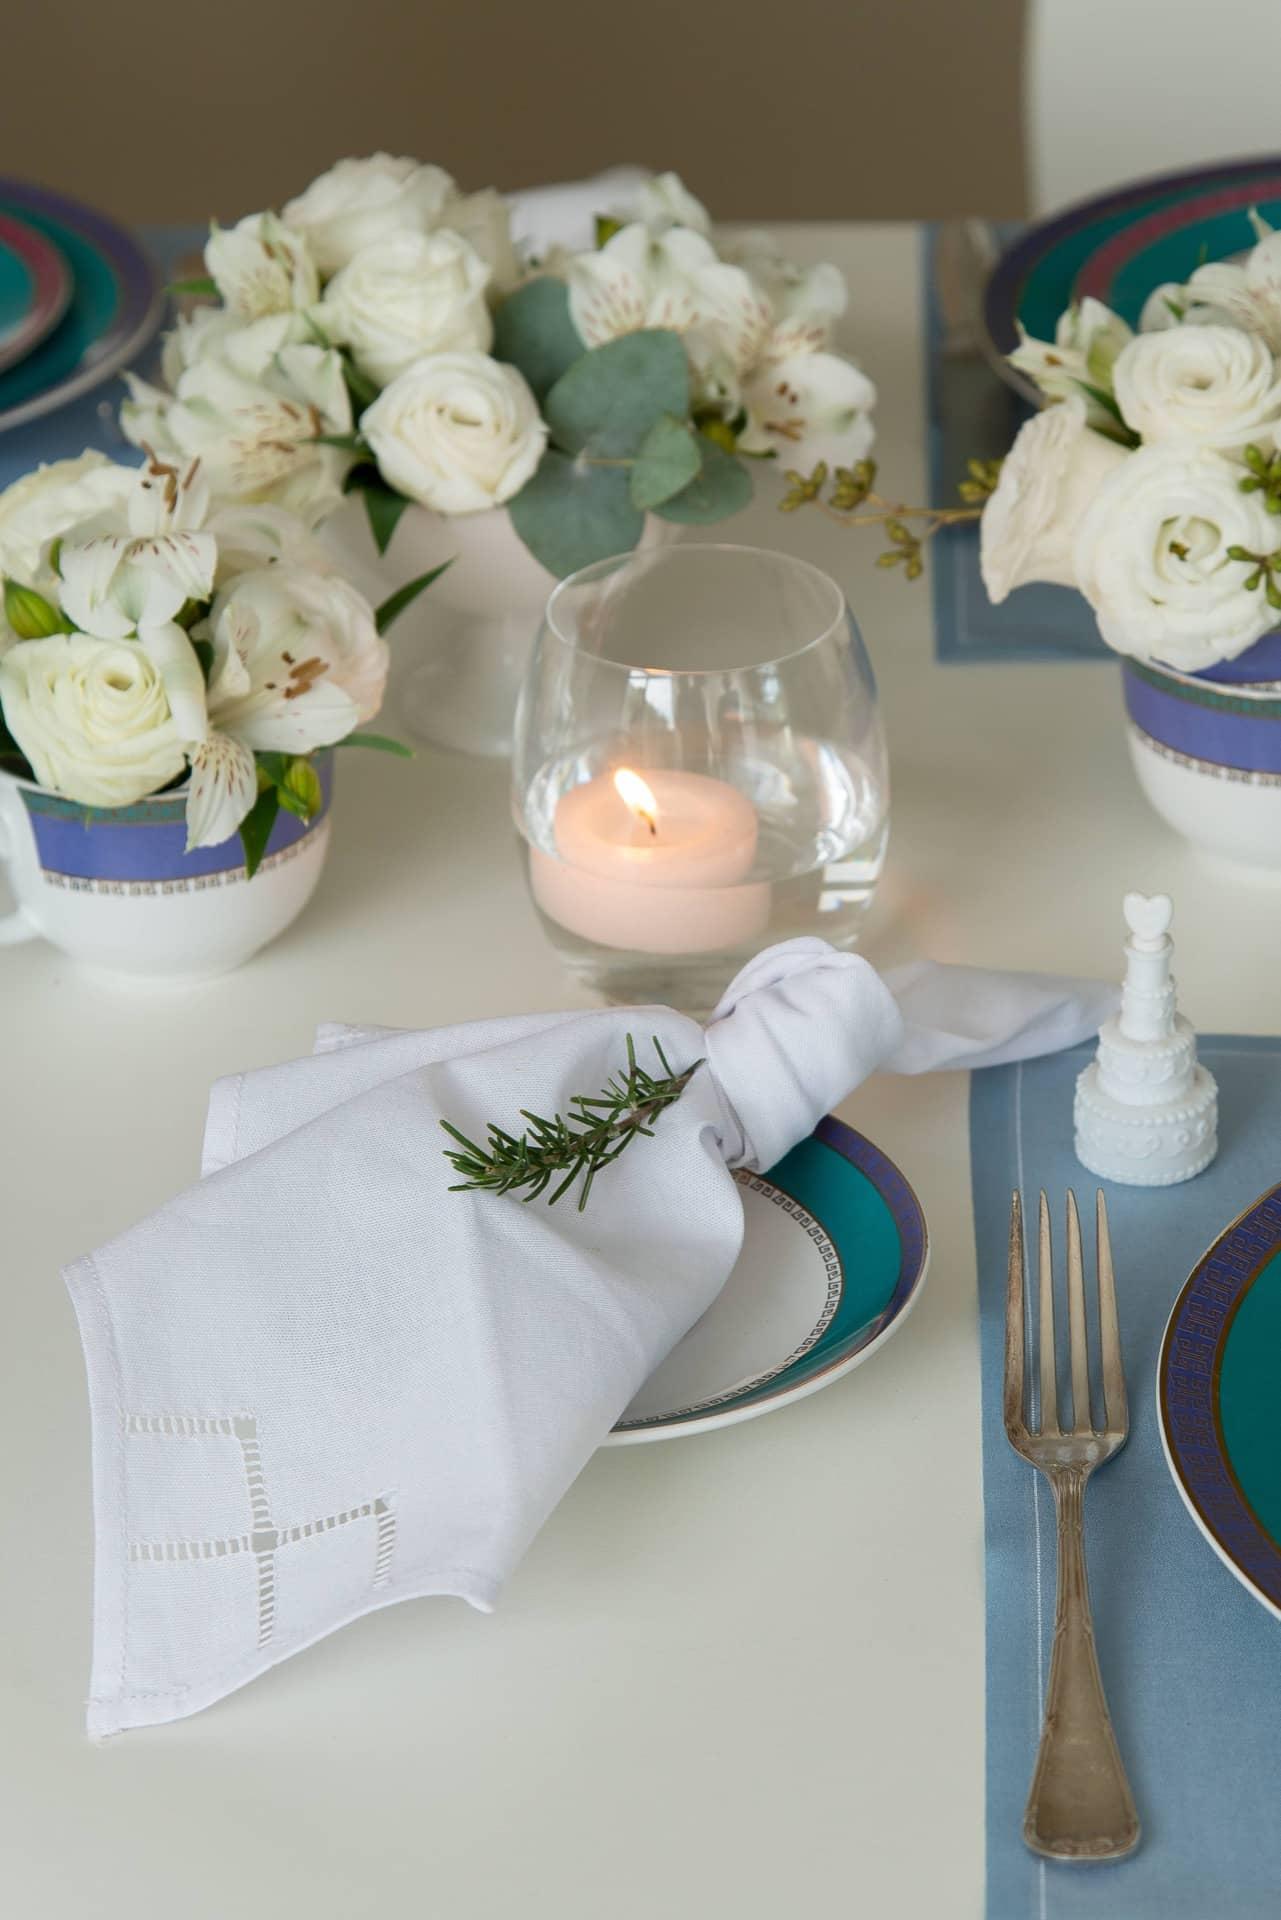 Imagem: O guardanapo de tecido ganha um toque especial, com um nó na ponta e um ramo de alecrim. Ele fica apoiado sobre um pires do mesmo jogo de jantar da Oxford Porcelanas. Foto: Cacá Bratke